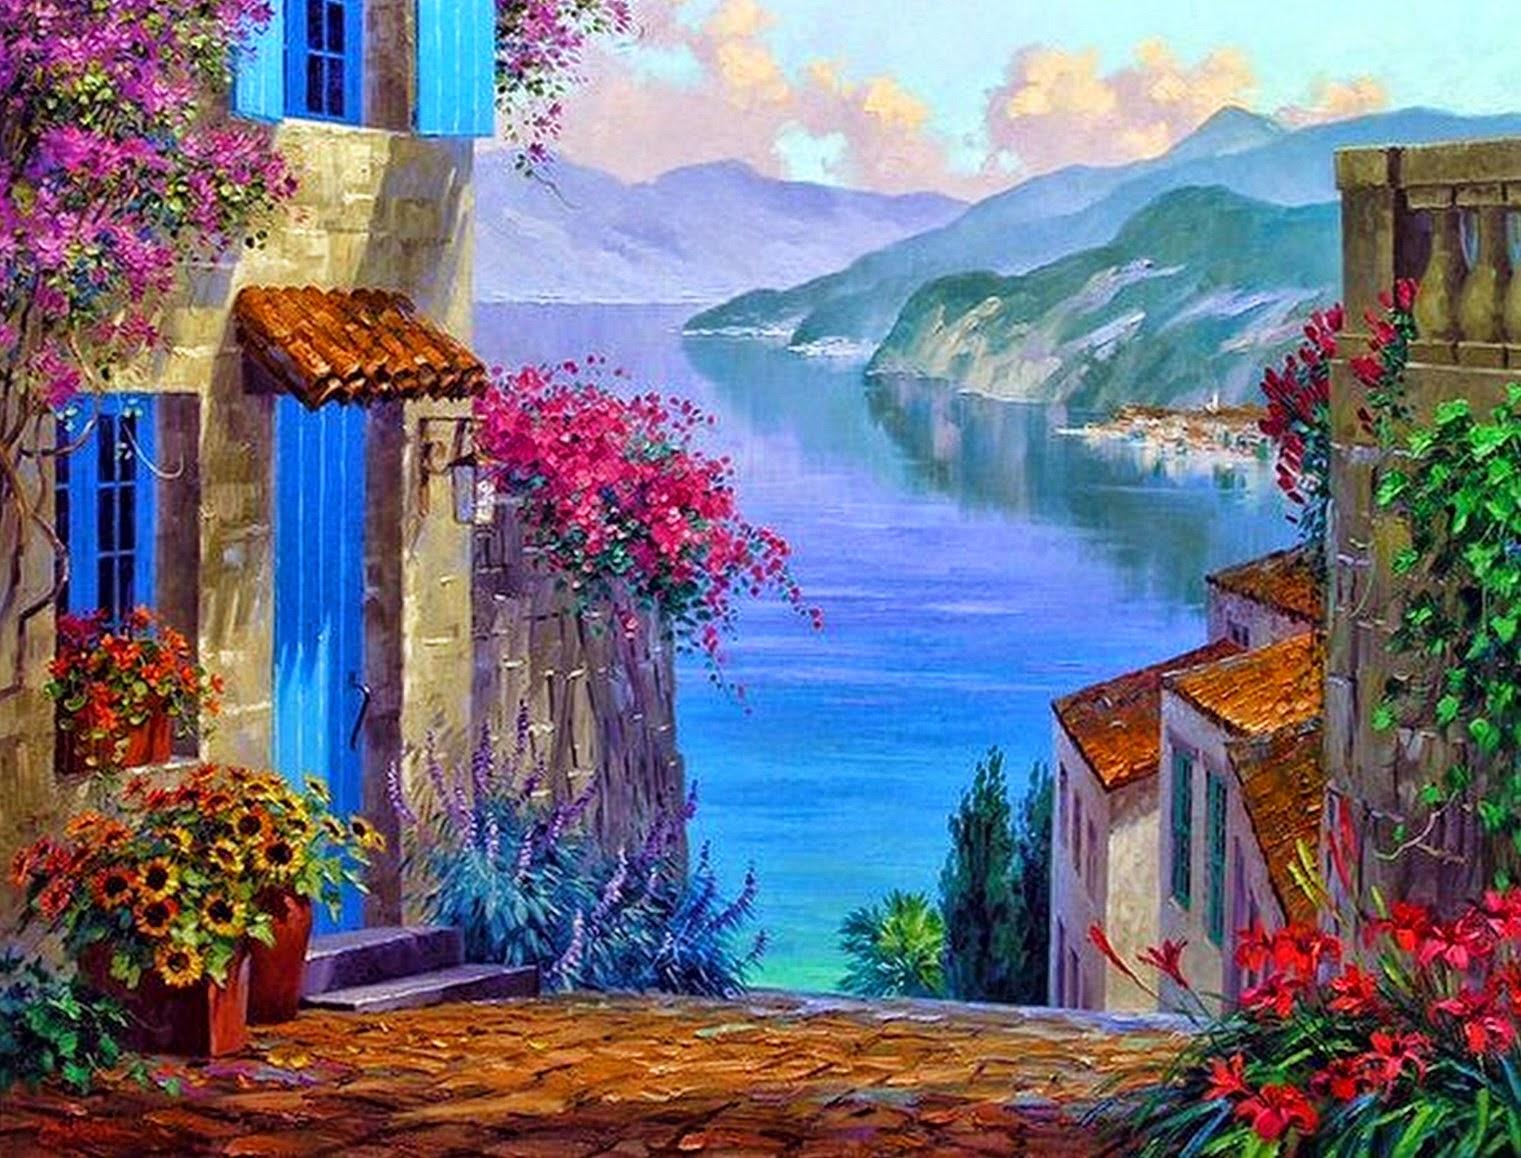 cuadros-de-flores-en-paisajes-naturales-al-oleo